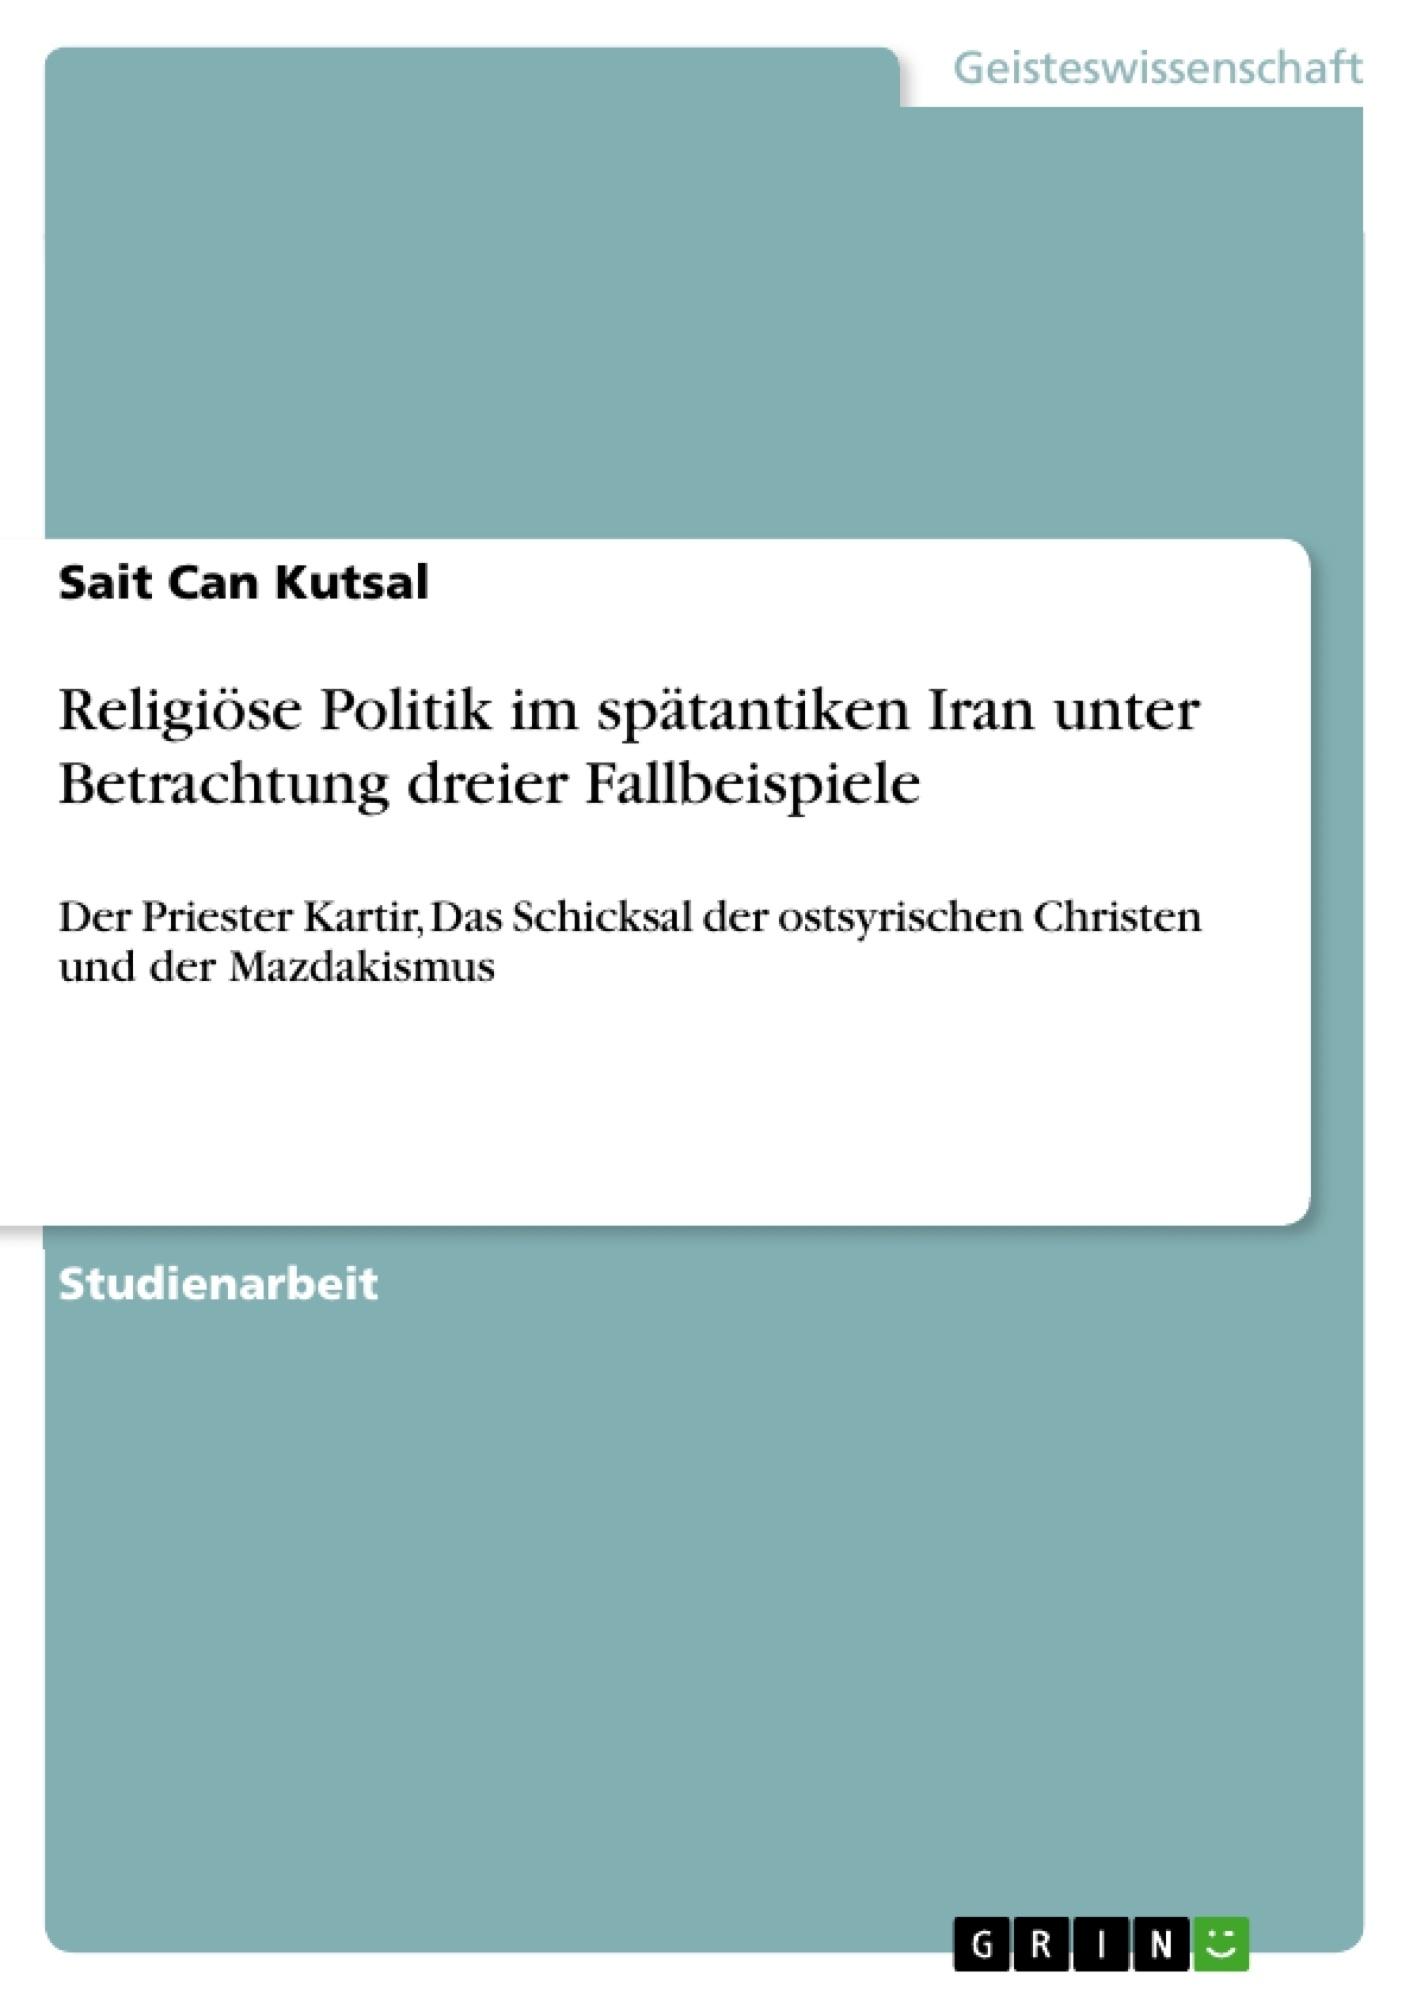 Titel: Religiöse Politik im spätantiken Iran unter Betrachtung dreier Fallbeispiele